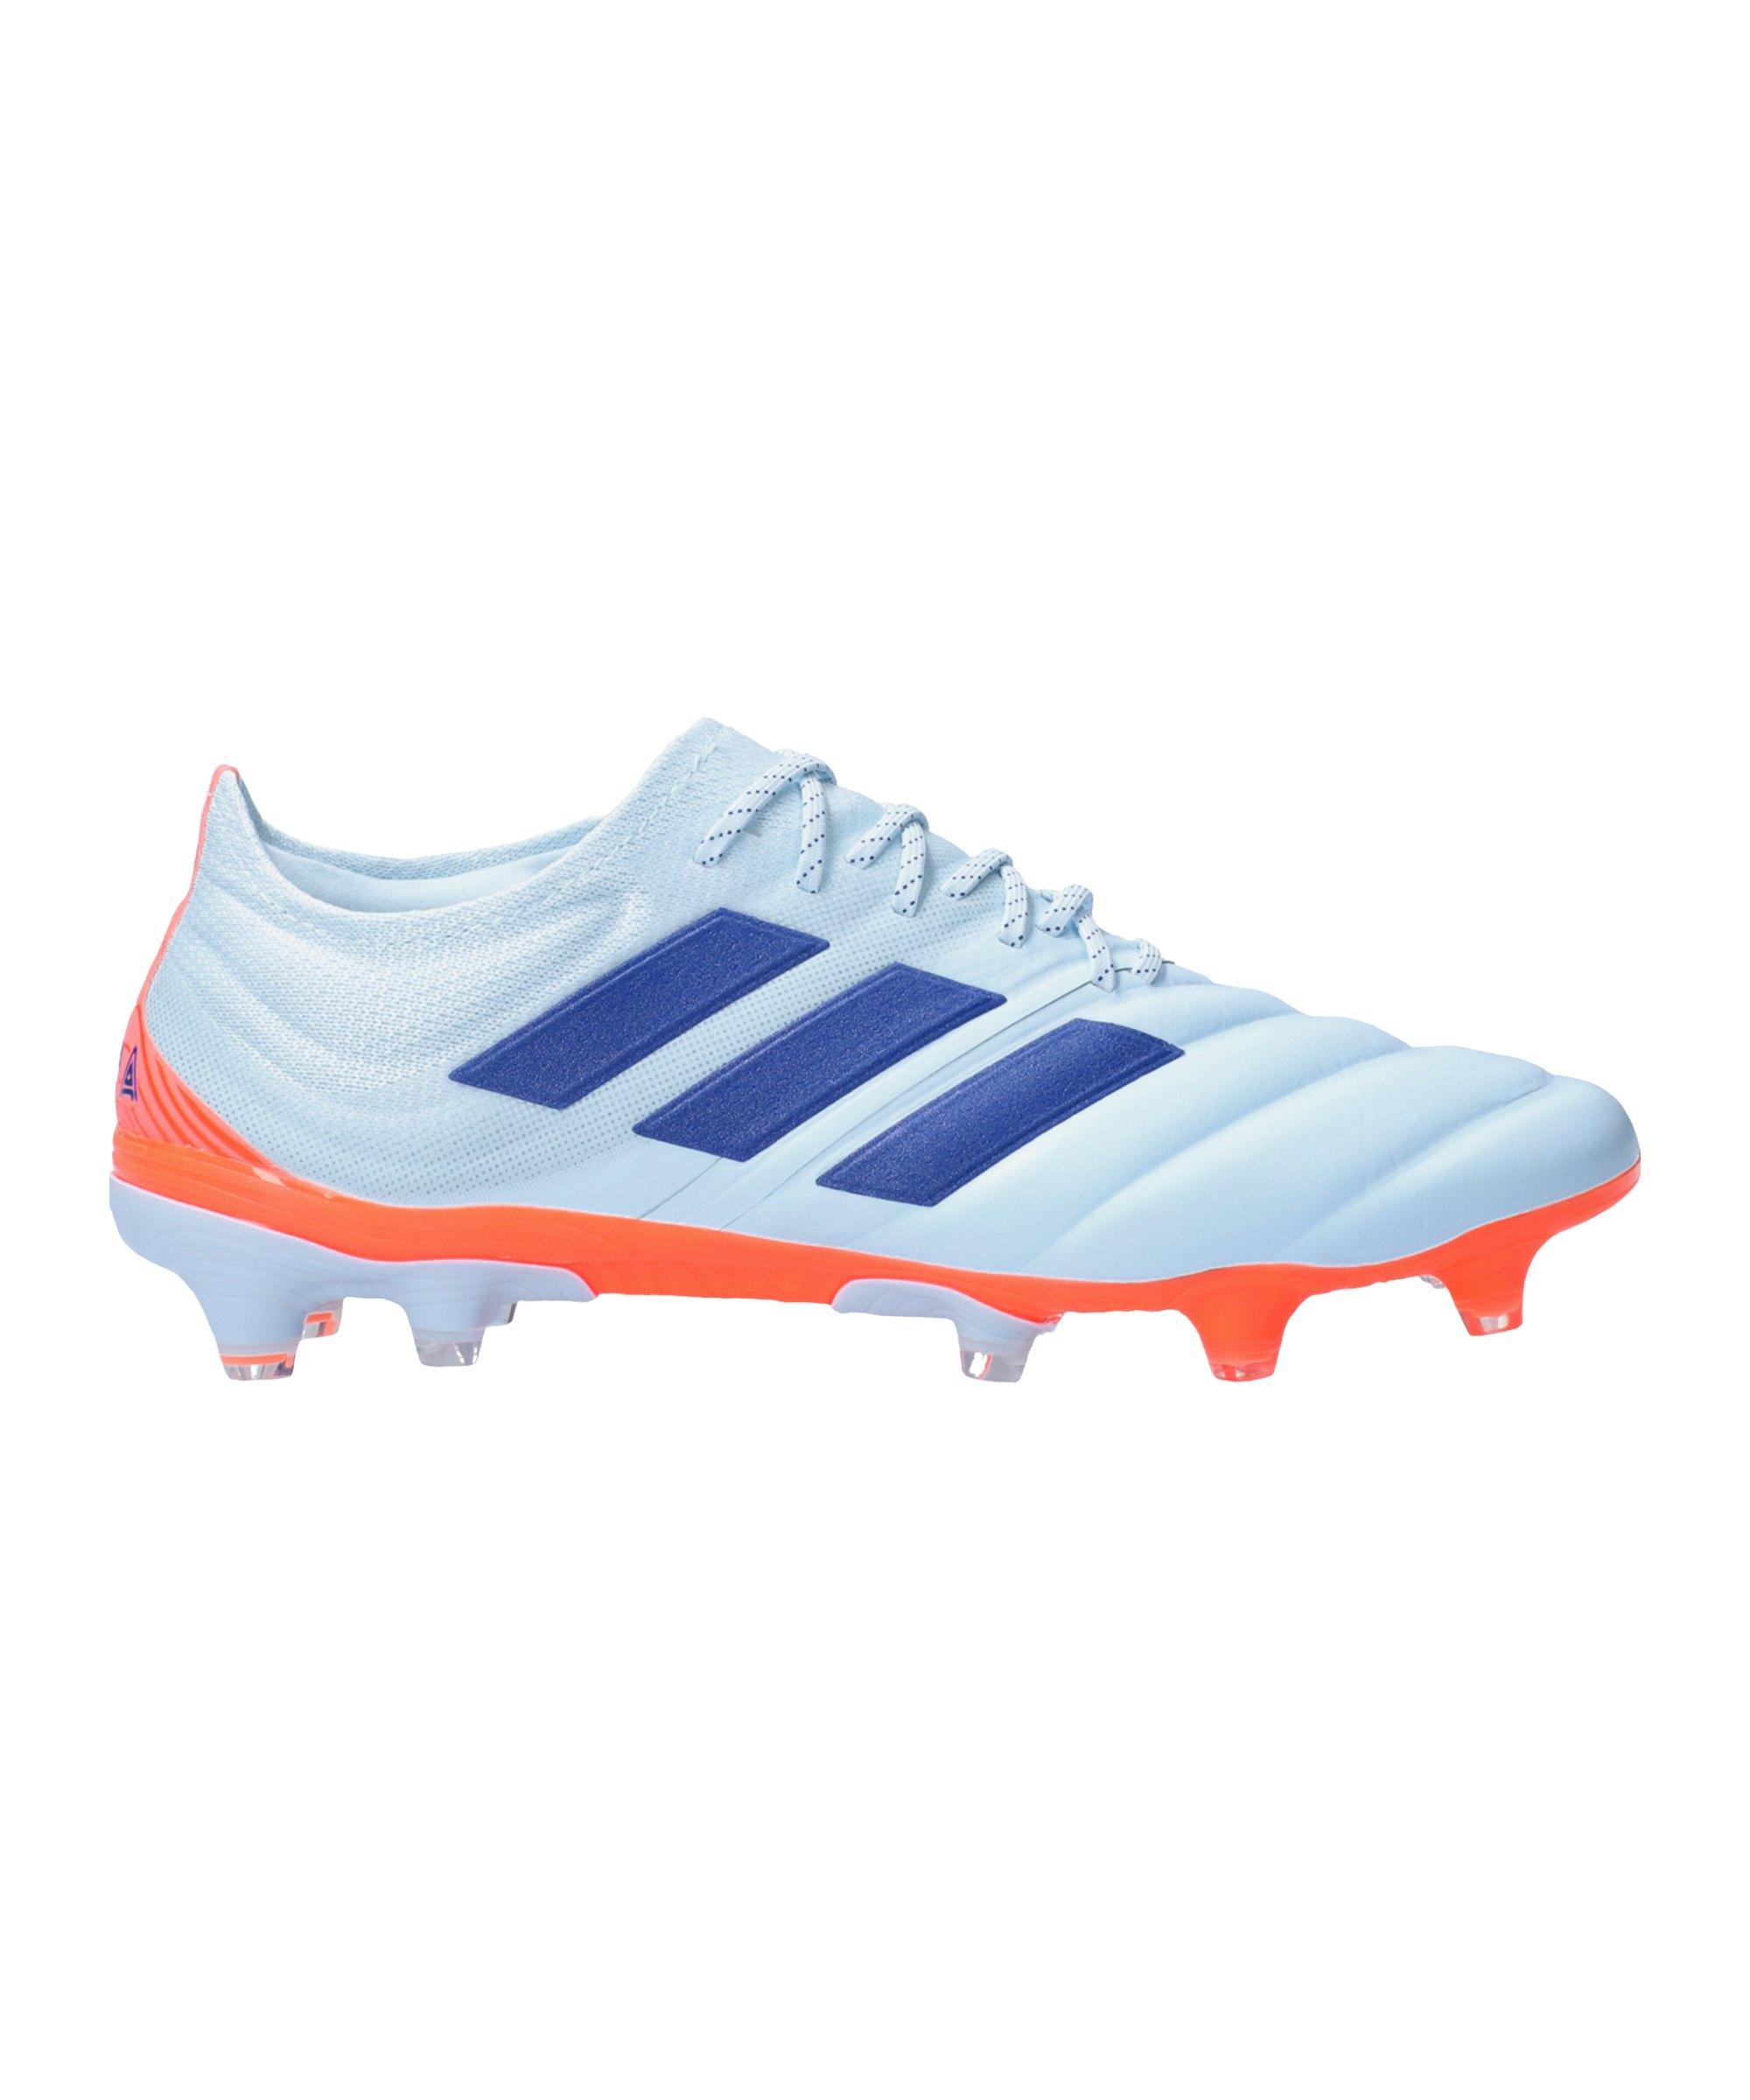 adidas COPA Glory Hunter 20.1 FG Blau - blau